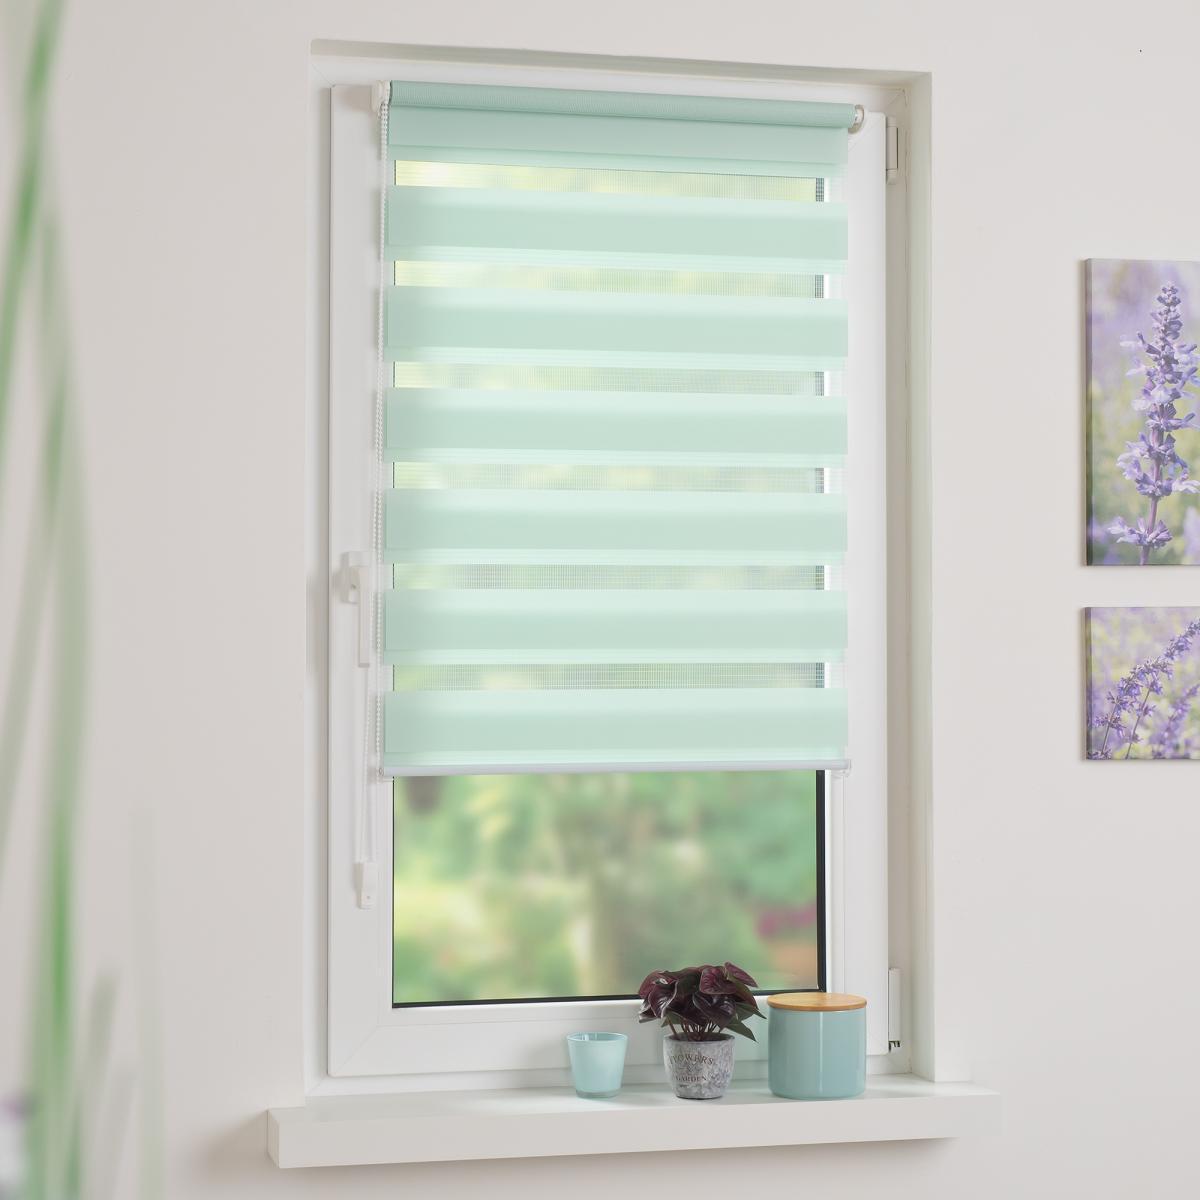 Bild 3 von Bella Casa Duo-Rollo mini, Klemmfix Doppelrollo, pastellgrün, Rollo 45 x 160 cm (B x H)